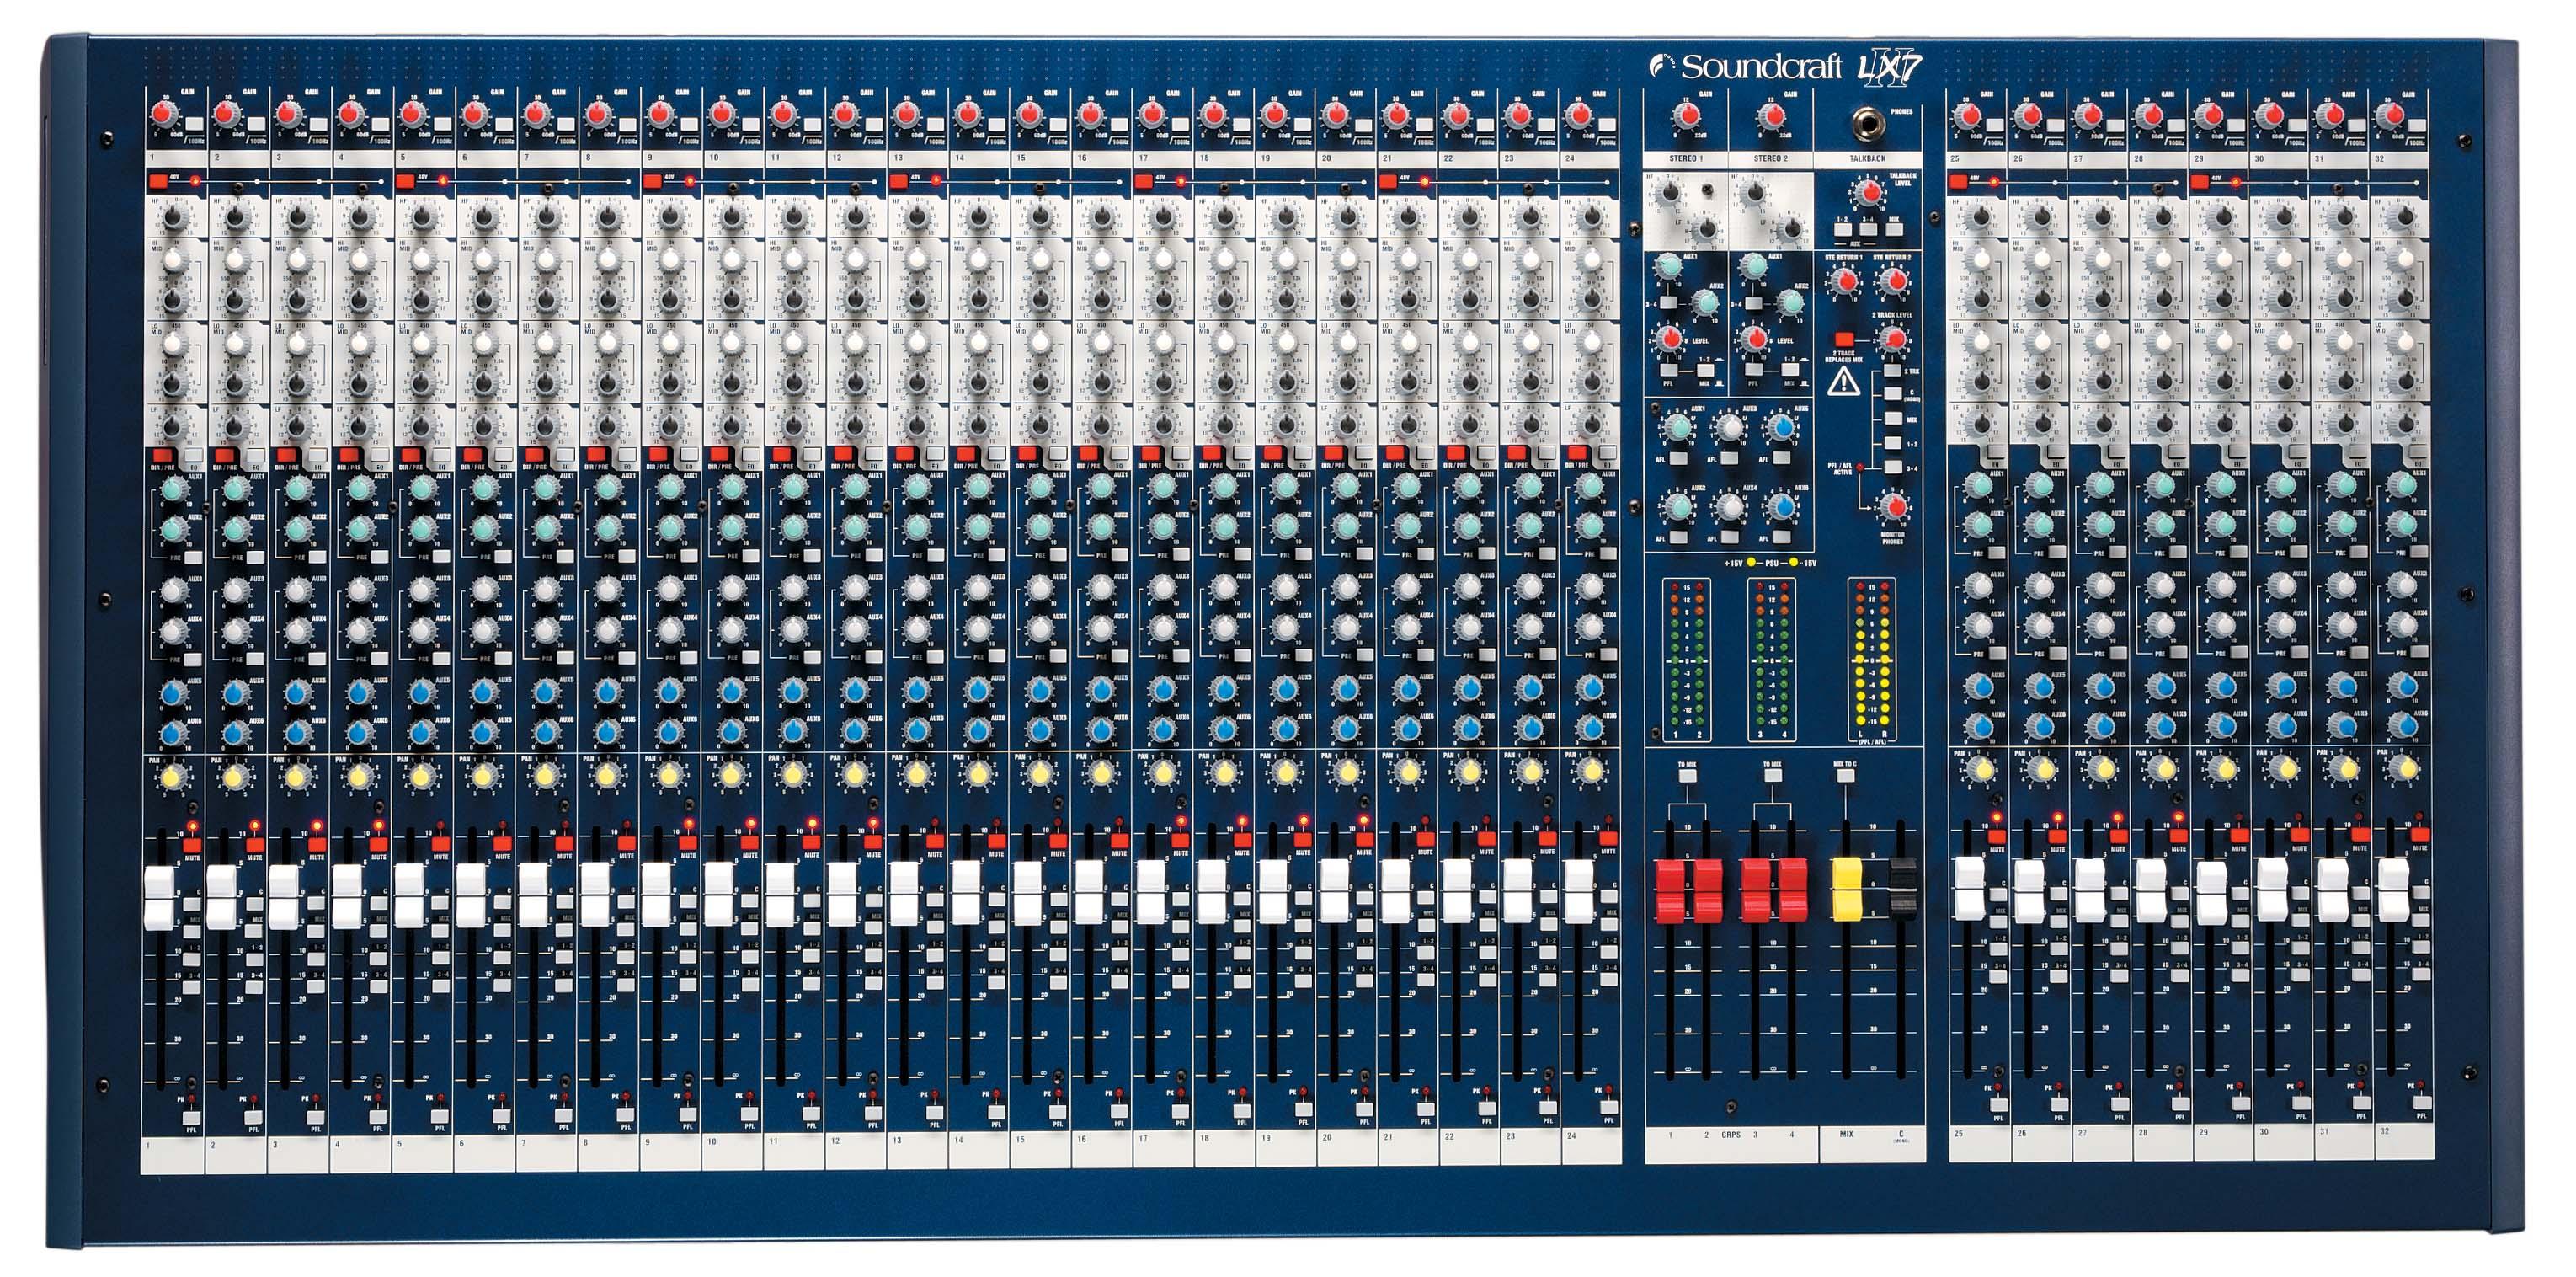 LX7II32_Mesa-Mistura-SoundCraft-LX7-II-32_2.